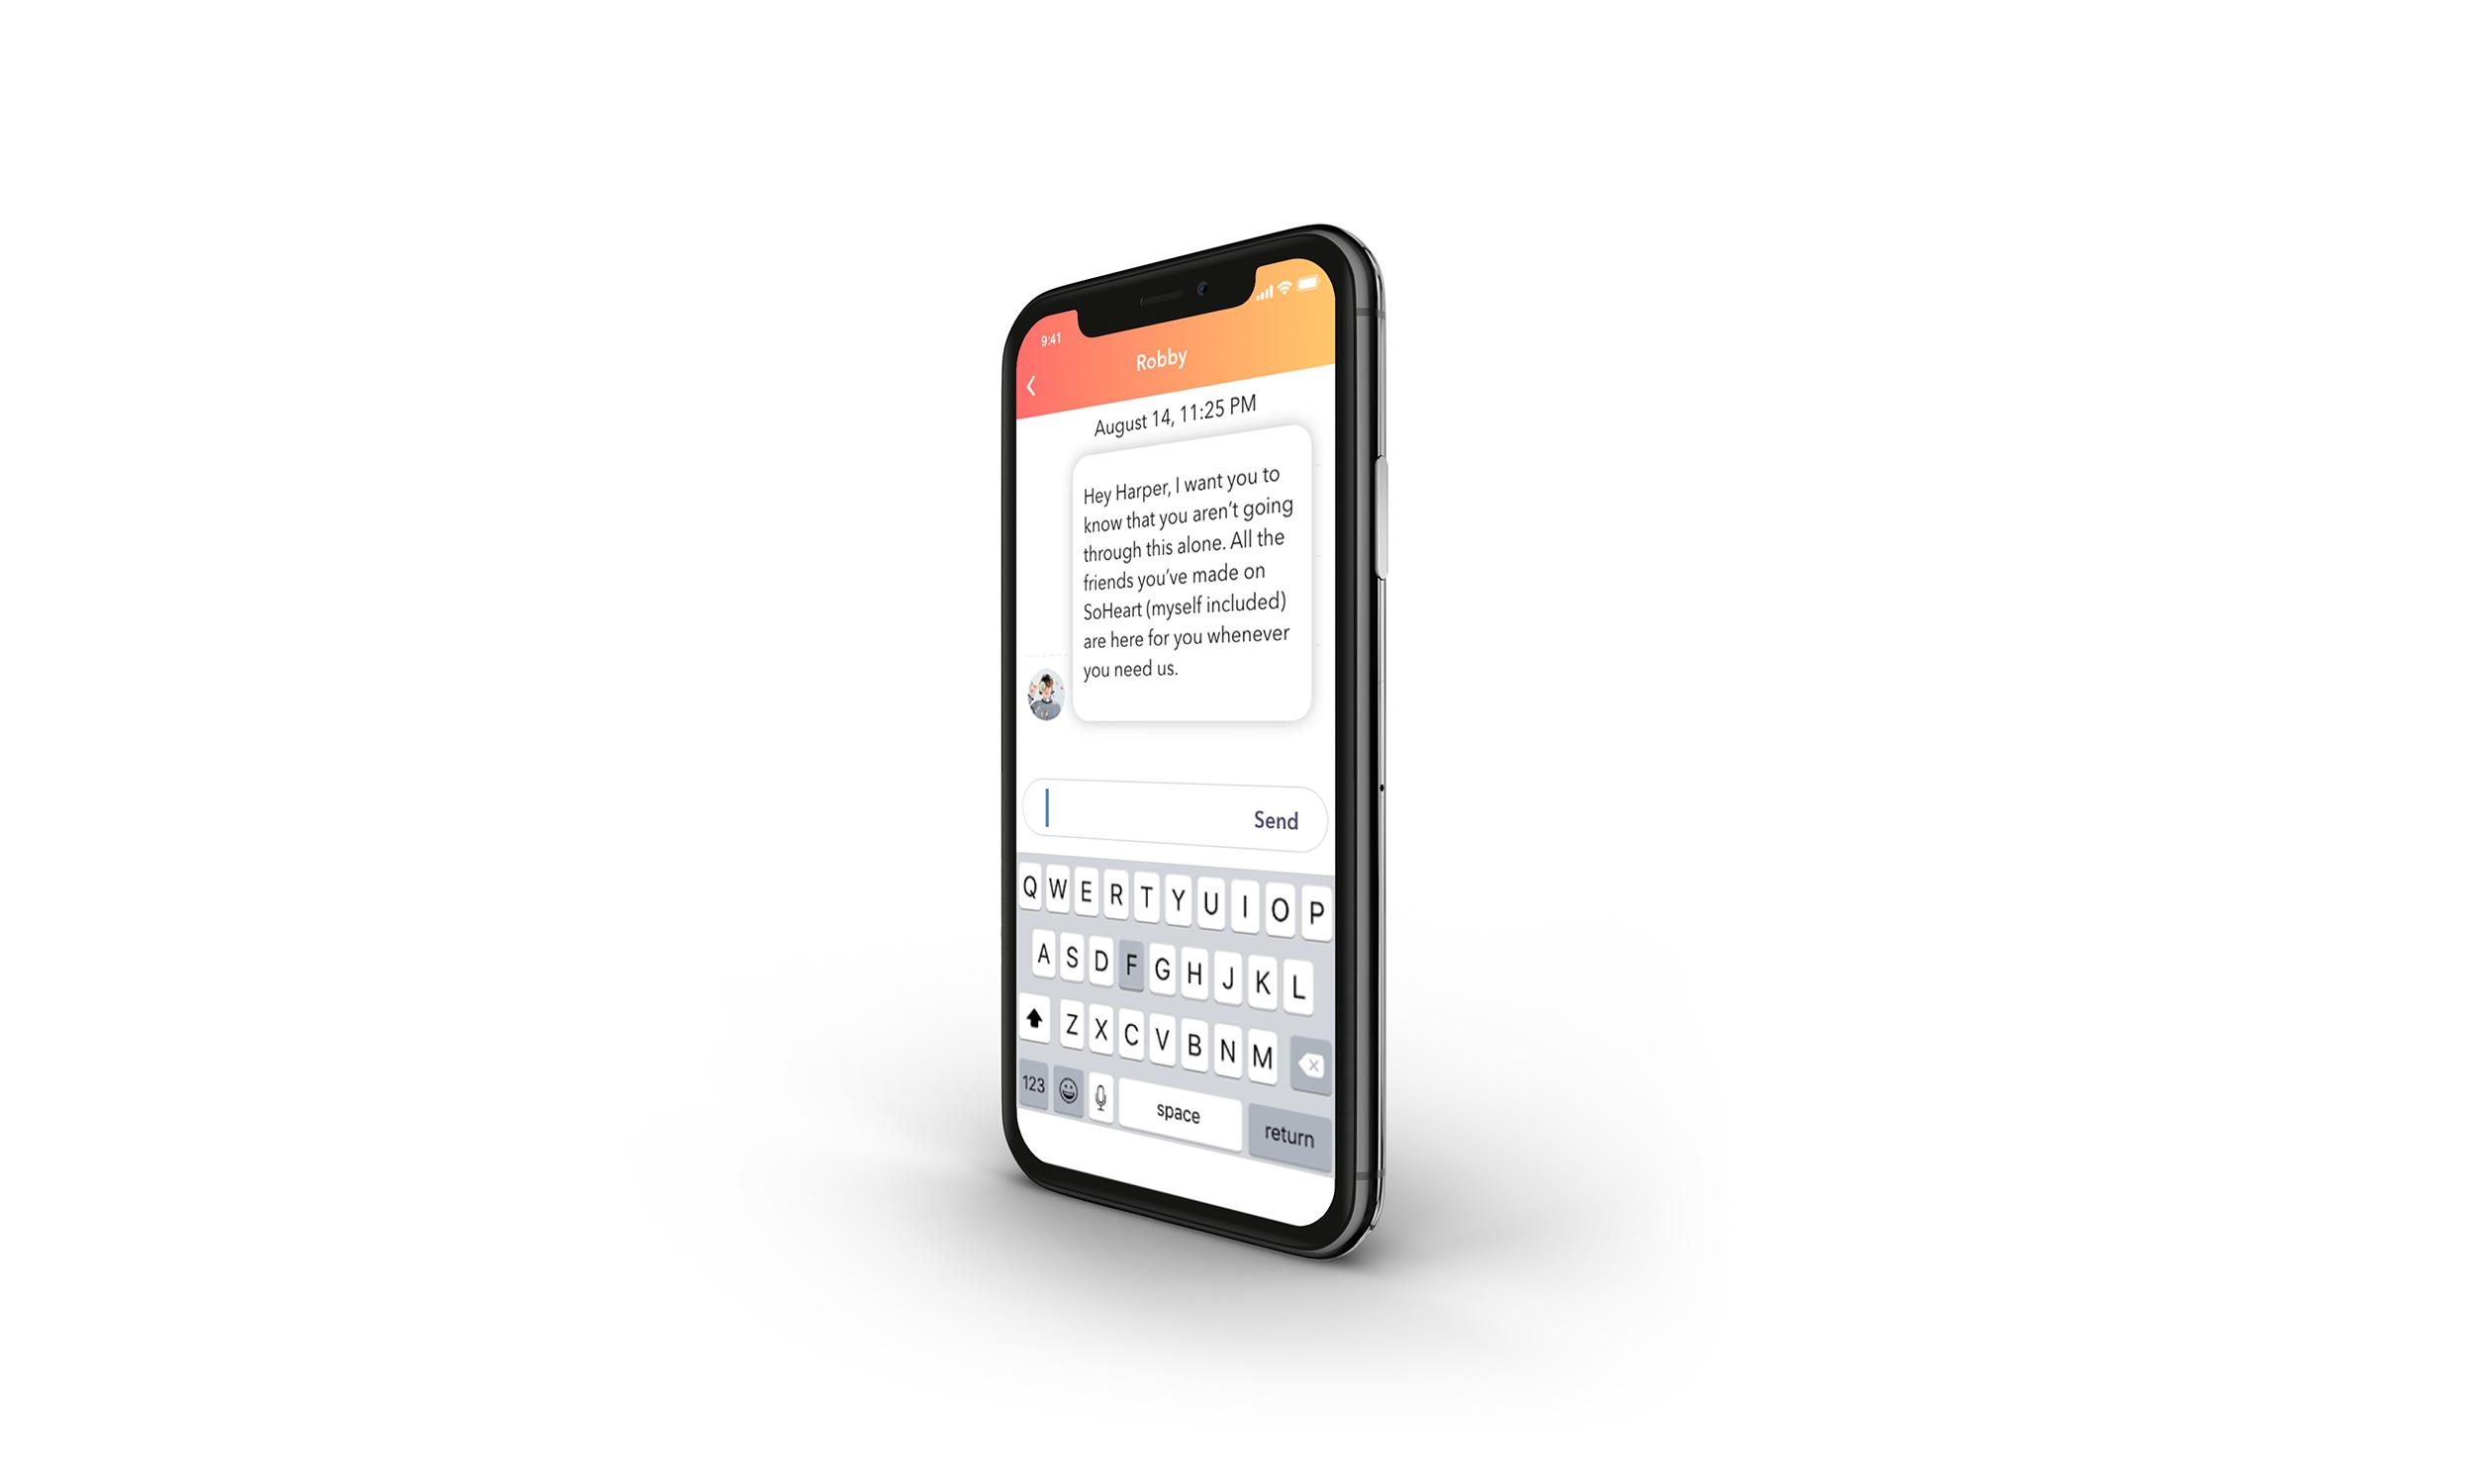 SoHeart App